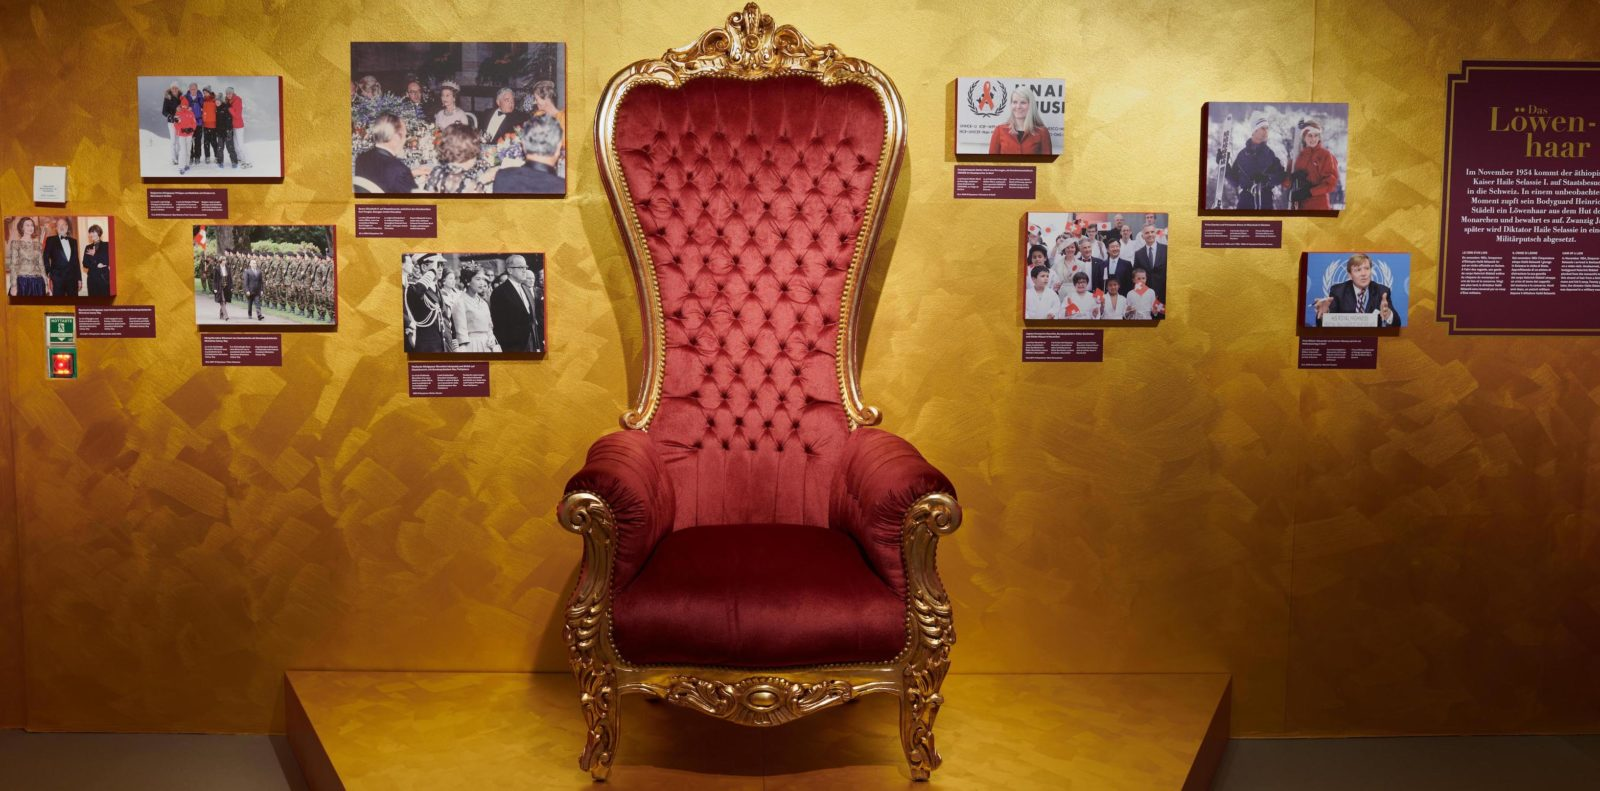 Exposition Les Royals arrivent - Schwyz - un trône royal